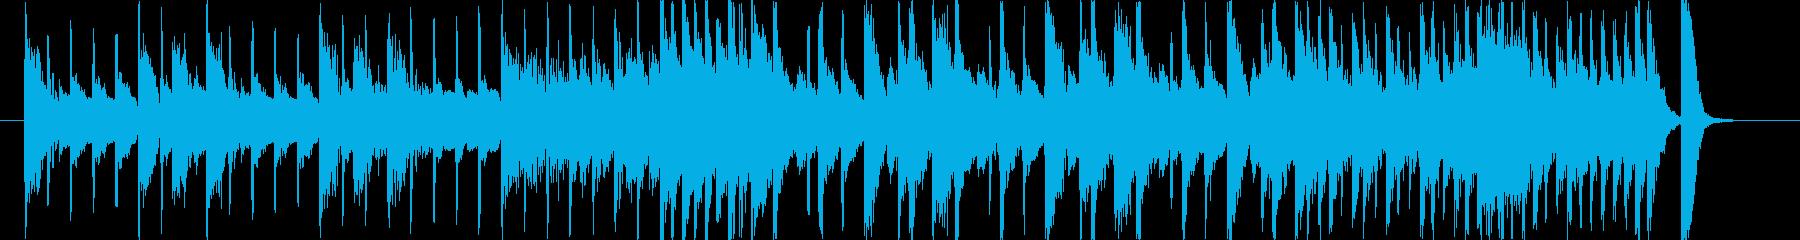 ピアノとドラムだけの曲ですの再生済みの波形